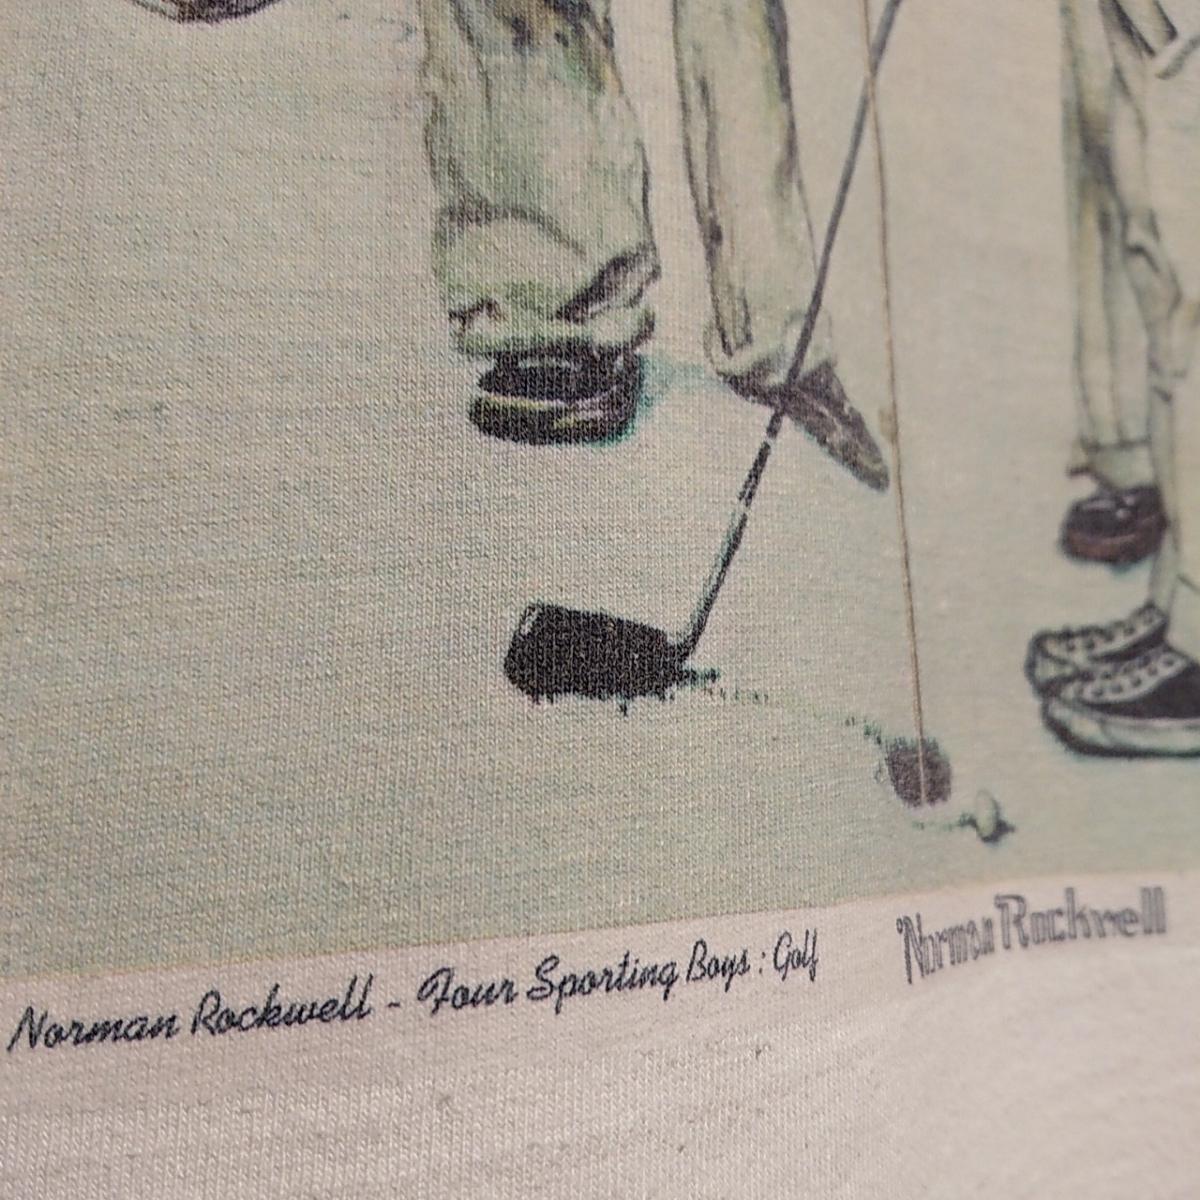 90s ビンテージ NORMAN ROCKWELL ノーマン ロックウェル Tシャツ アート t アメリカ usa 製 白 S プリント 古着_画像5